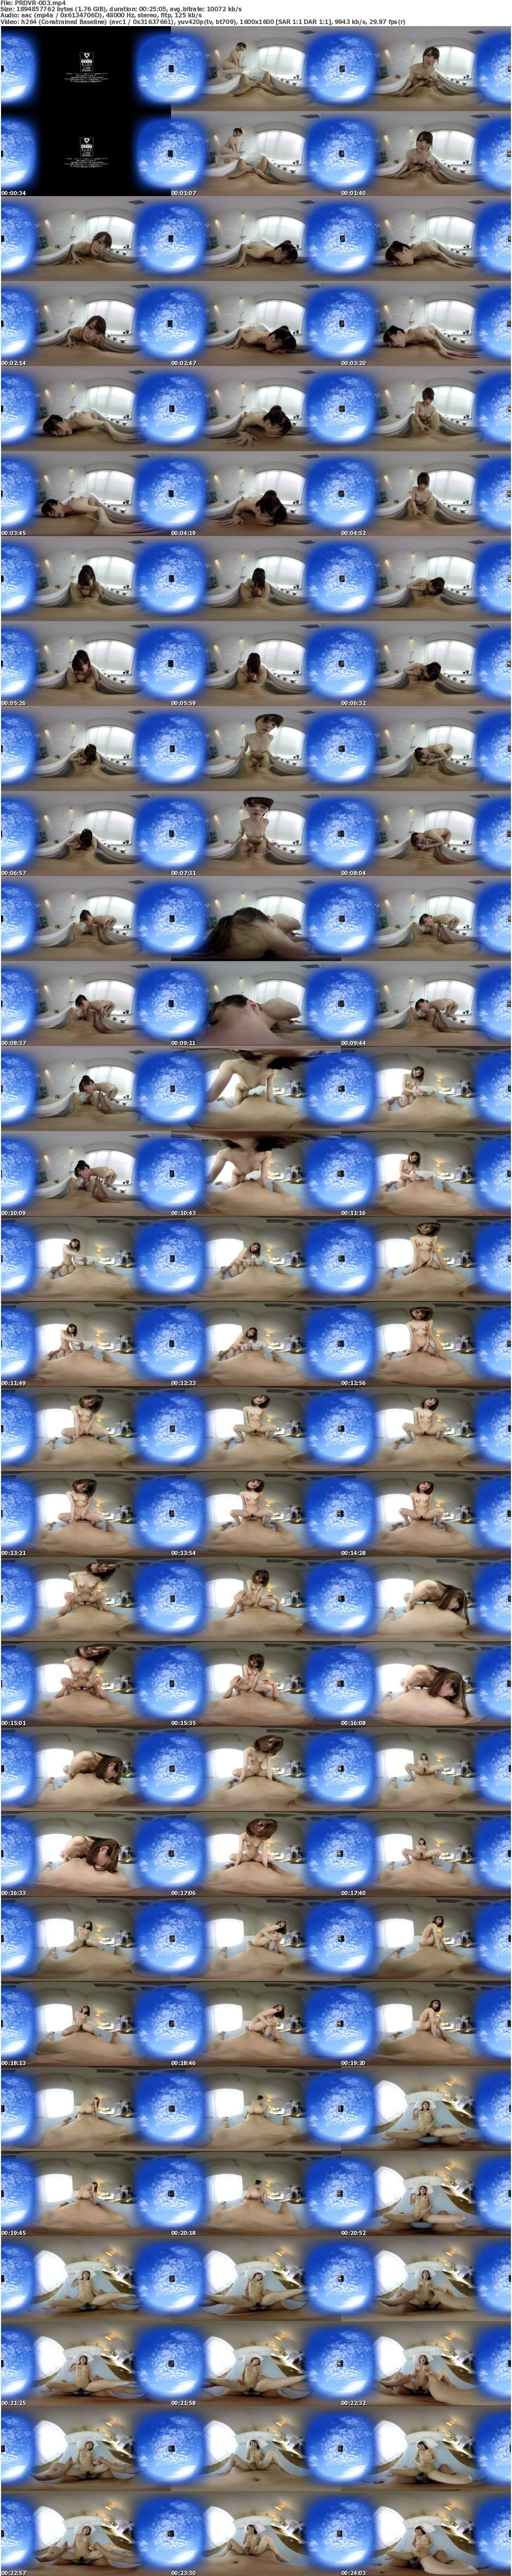 VR/3D PRDVR-003 【VR】鈴村あいり 「あいりとたくさんエッチしよ!」ラブラブ濃密SEX!